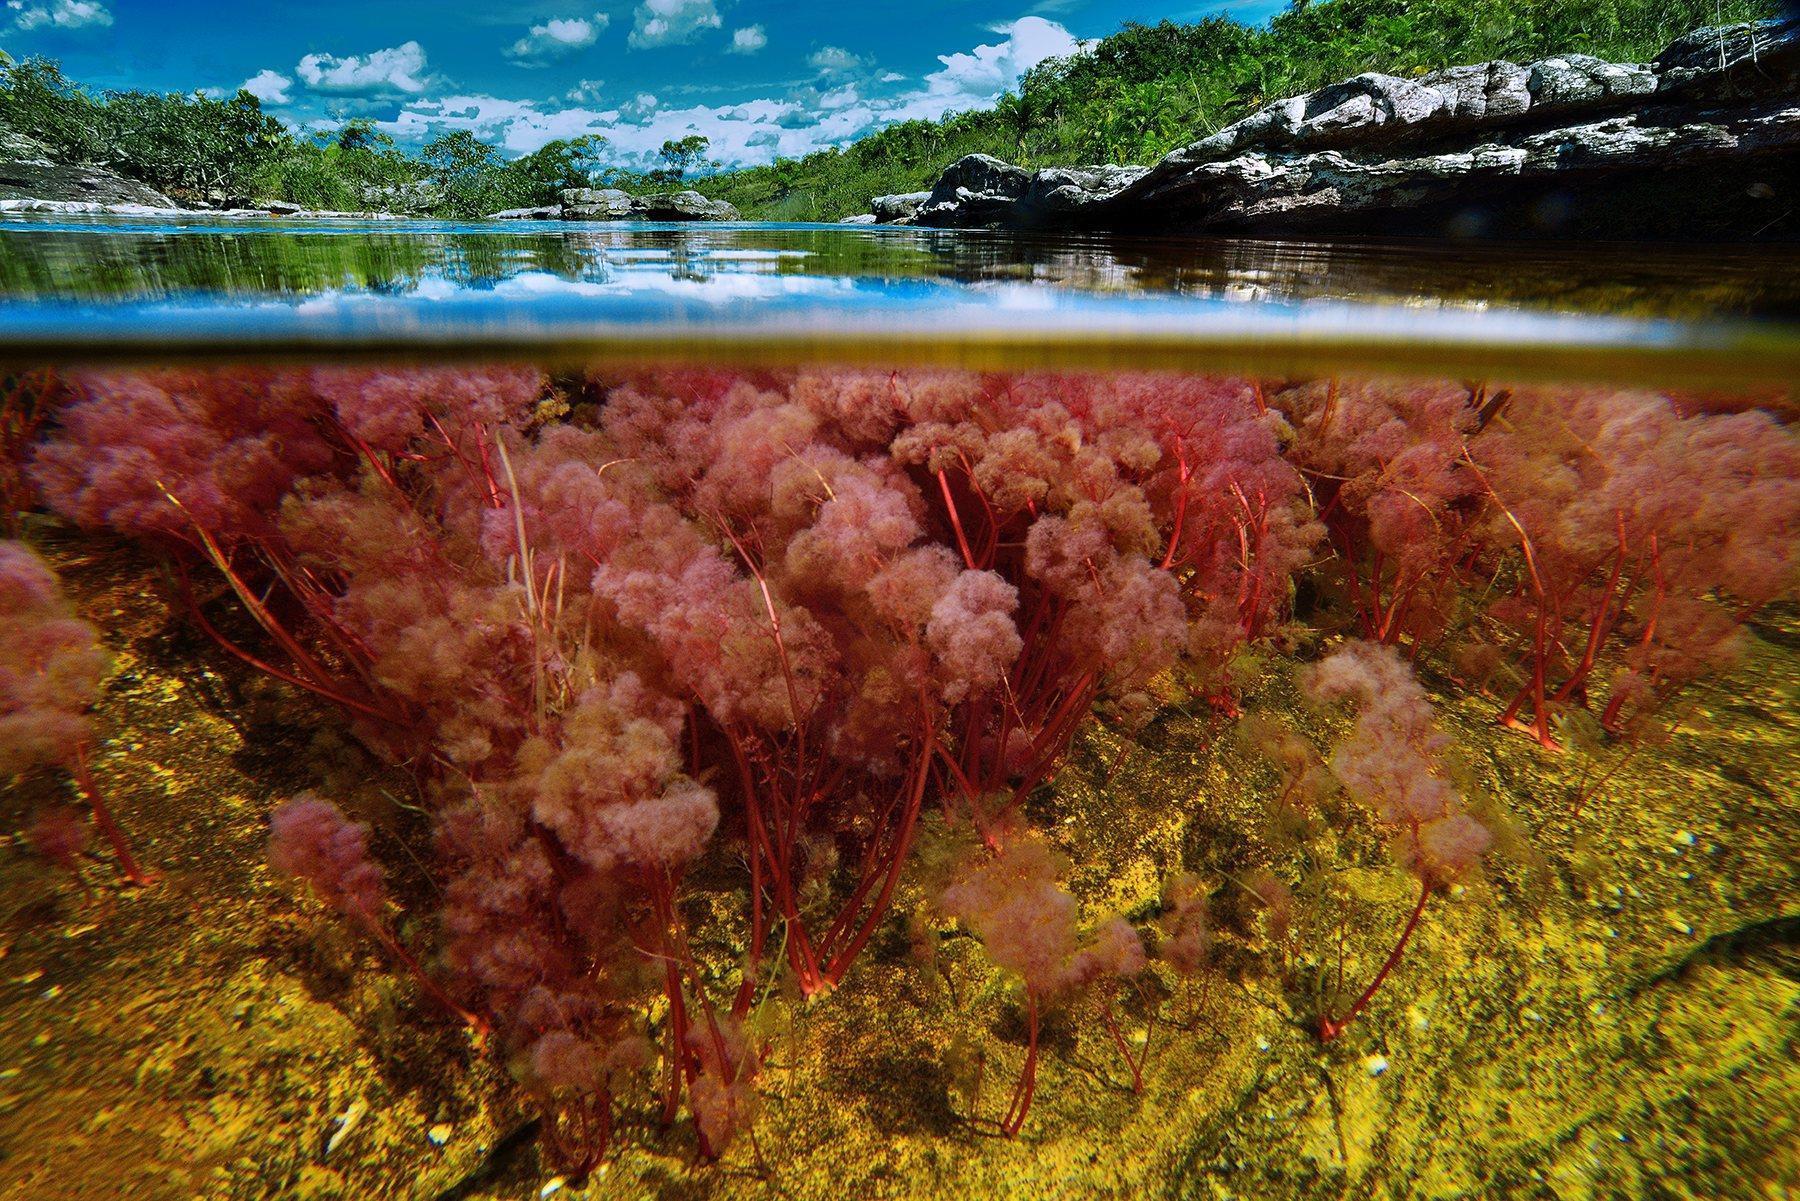 Dòng sông đẹp nhất thế giới 'chảy xuống từ thiên đường' Ảnh 4